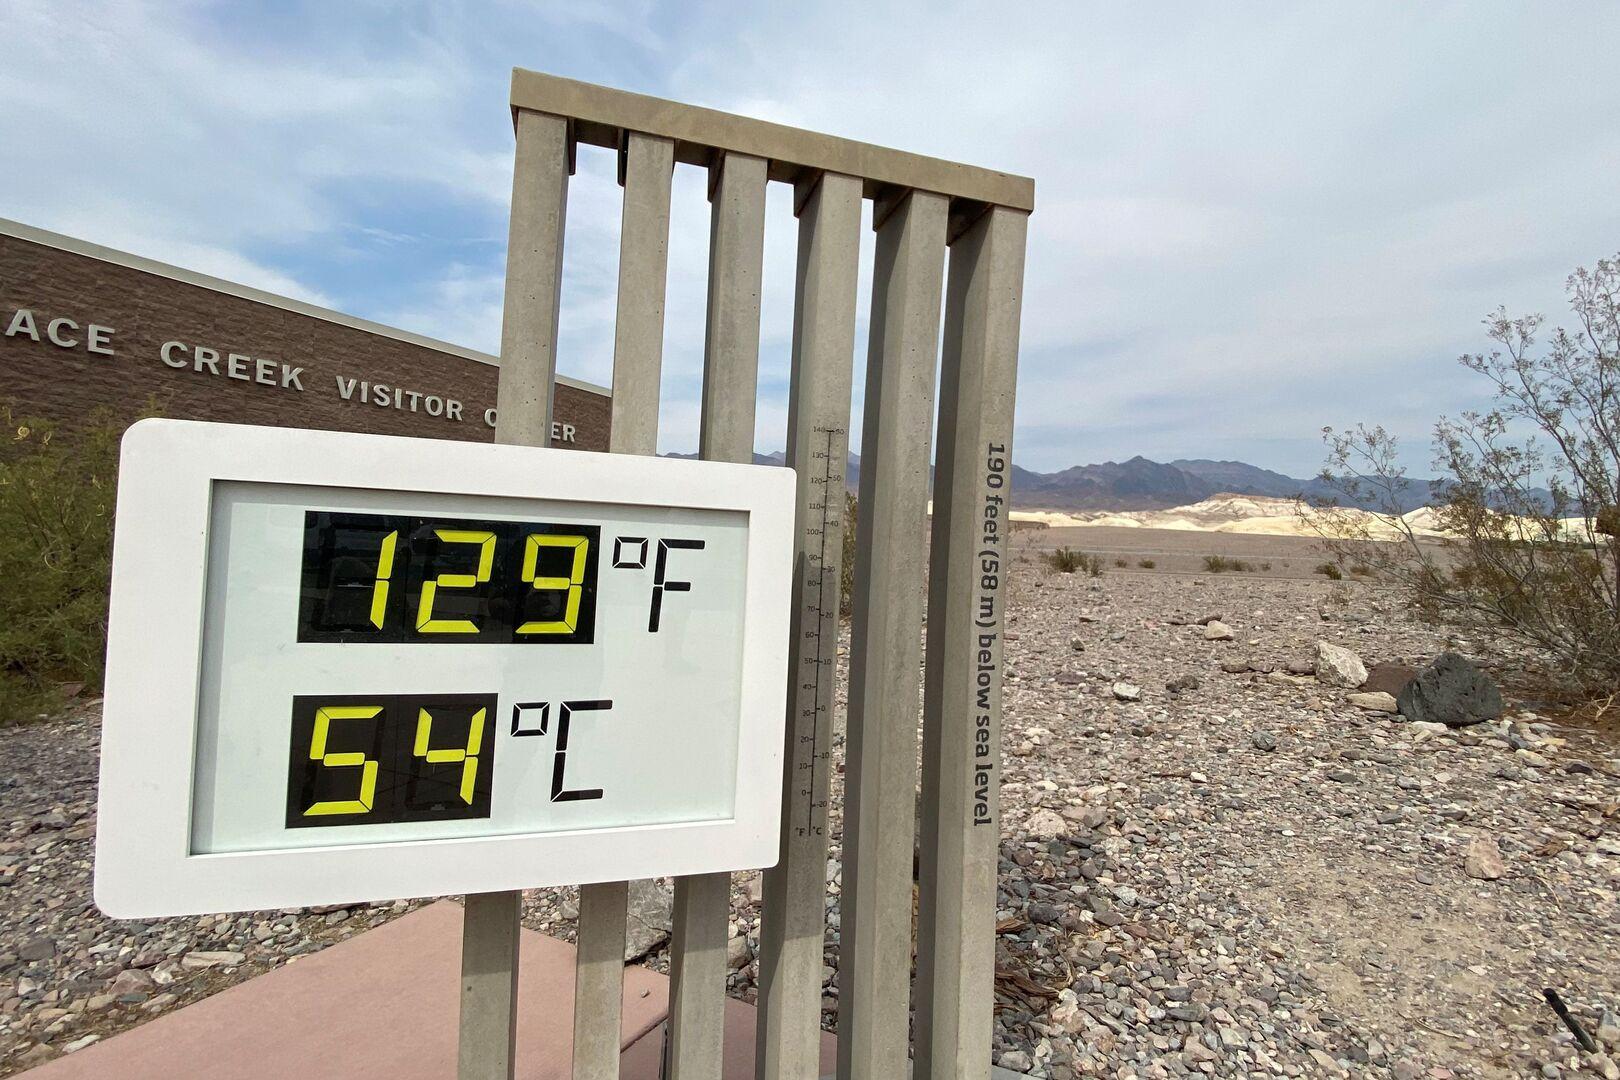 مدينة عربية تسجل أعلى درجة حرارة في العالم برفقة 10 مدن من العالم العربي